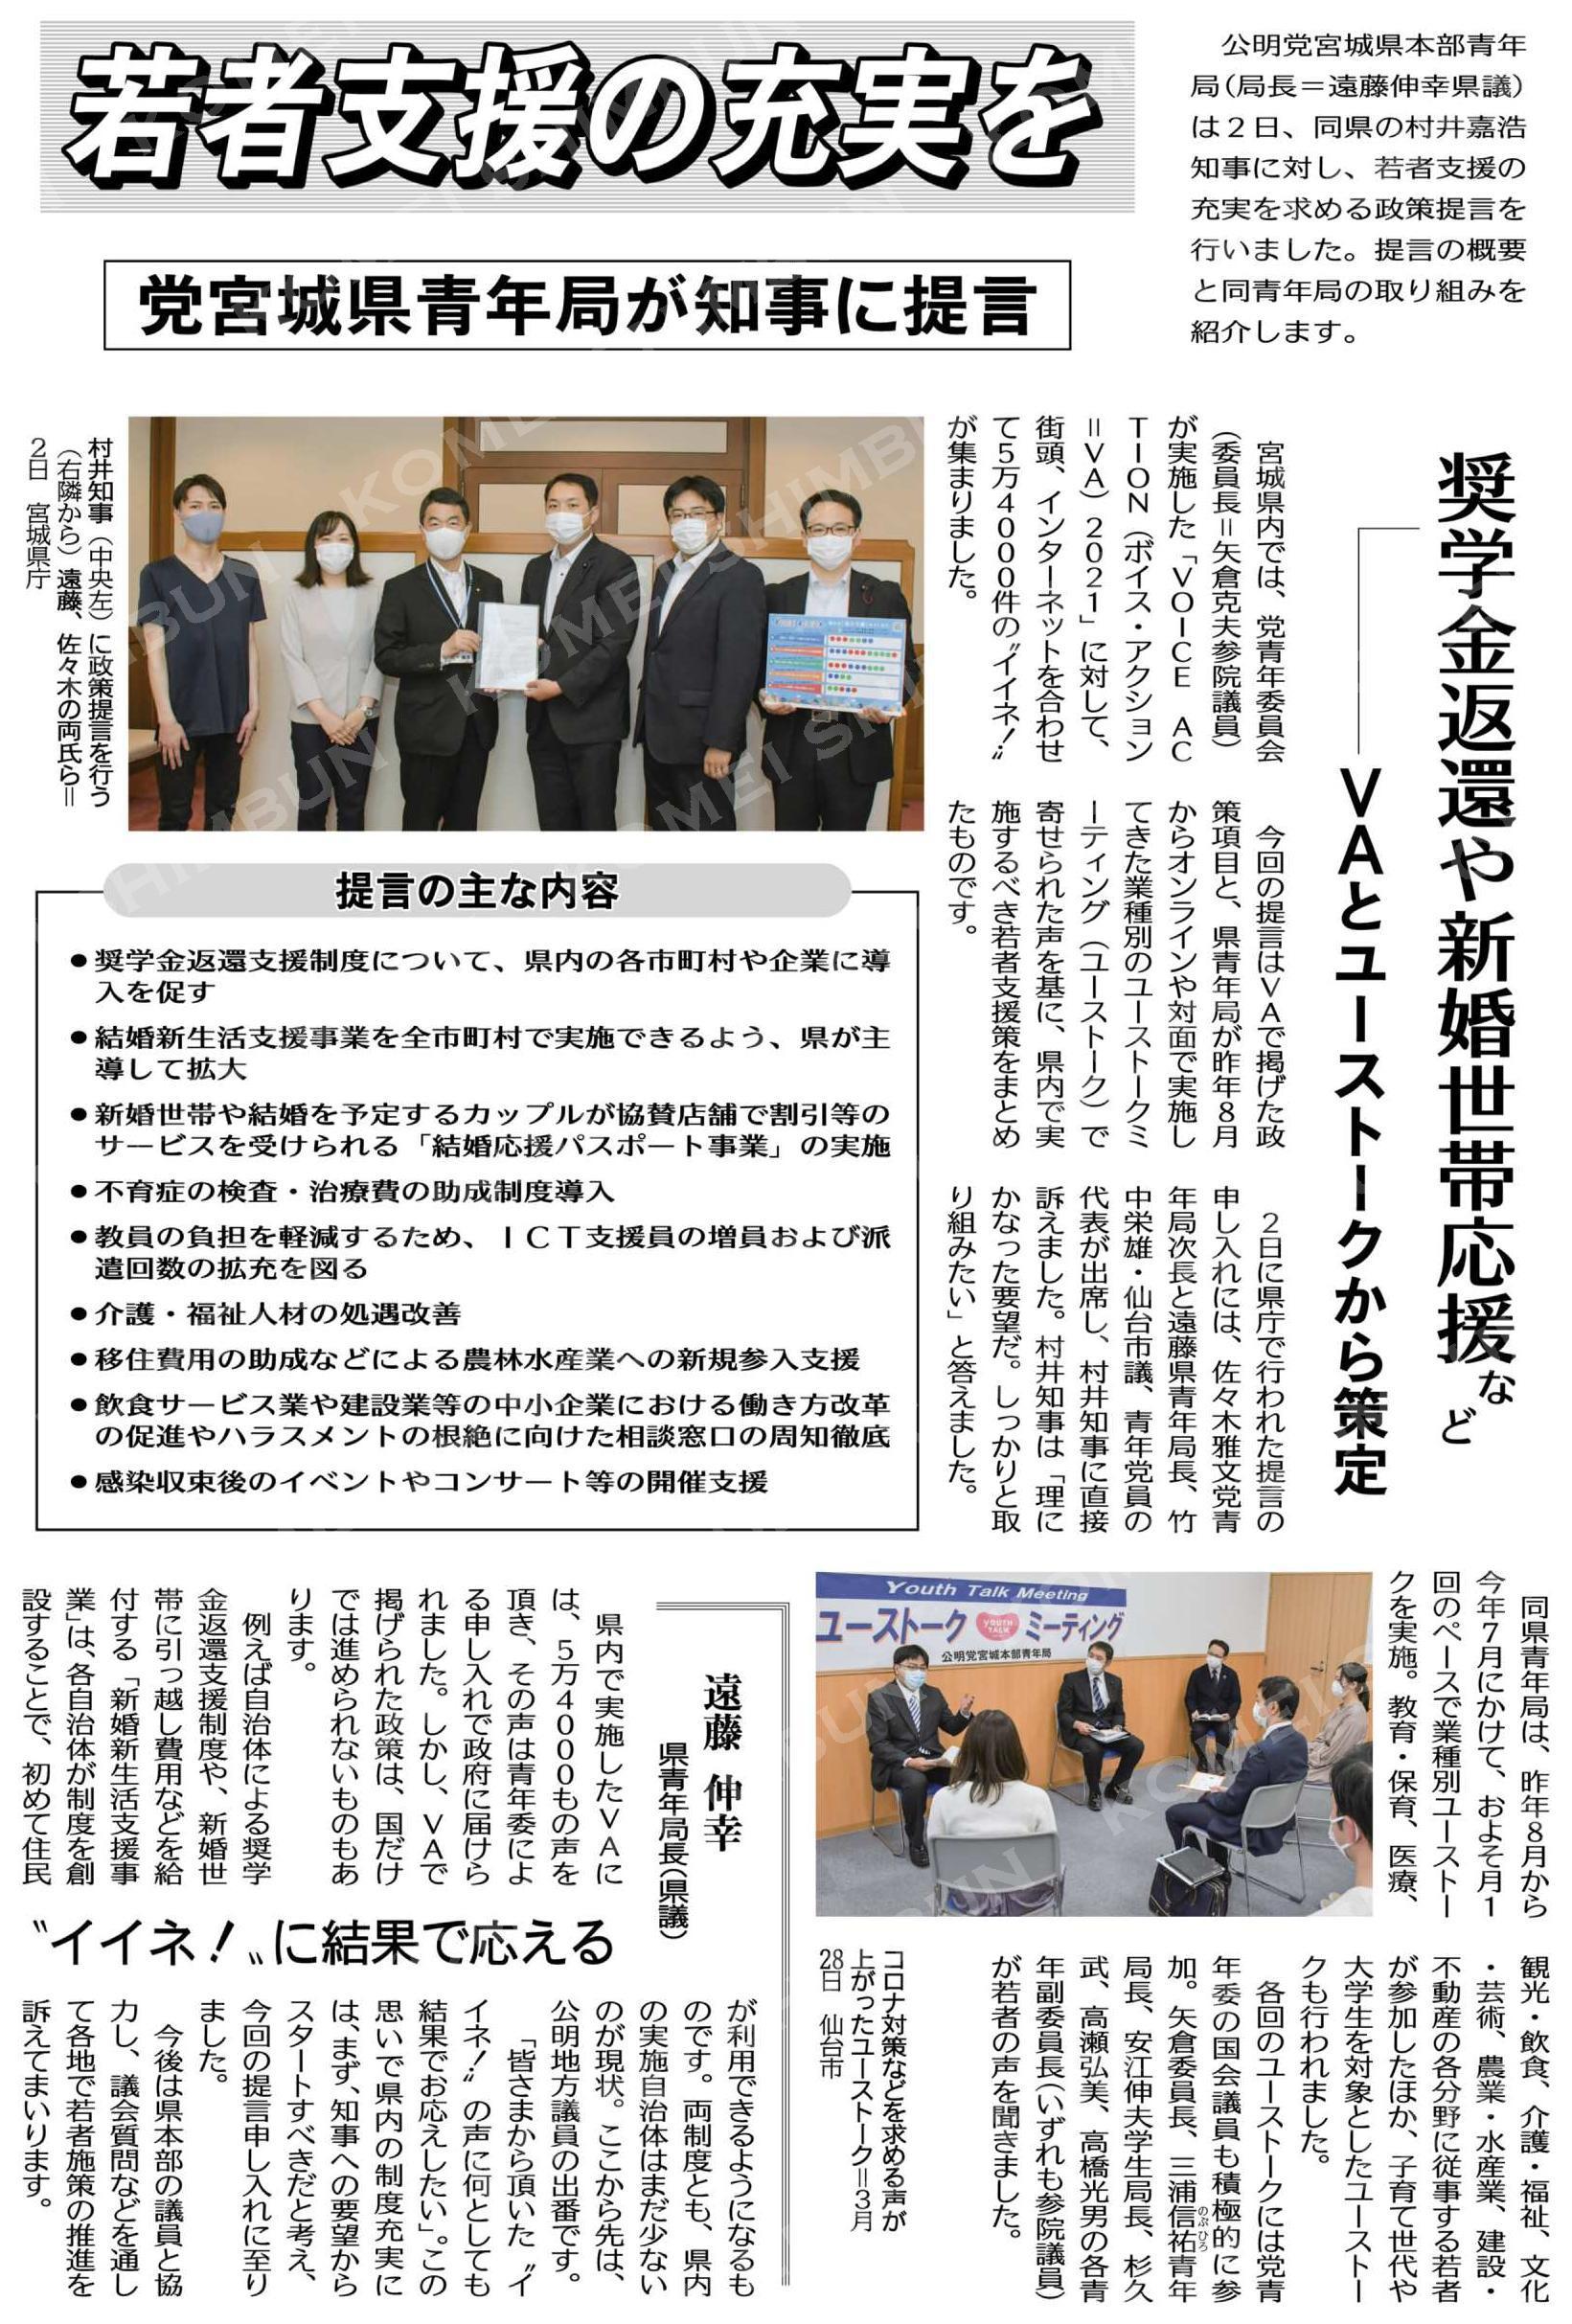 若者支援の充実を/党宮城県青年局が知事に提言/奨学金返還や新婚世帯応援などVAとユーストークから策定